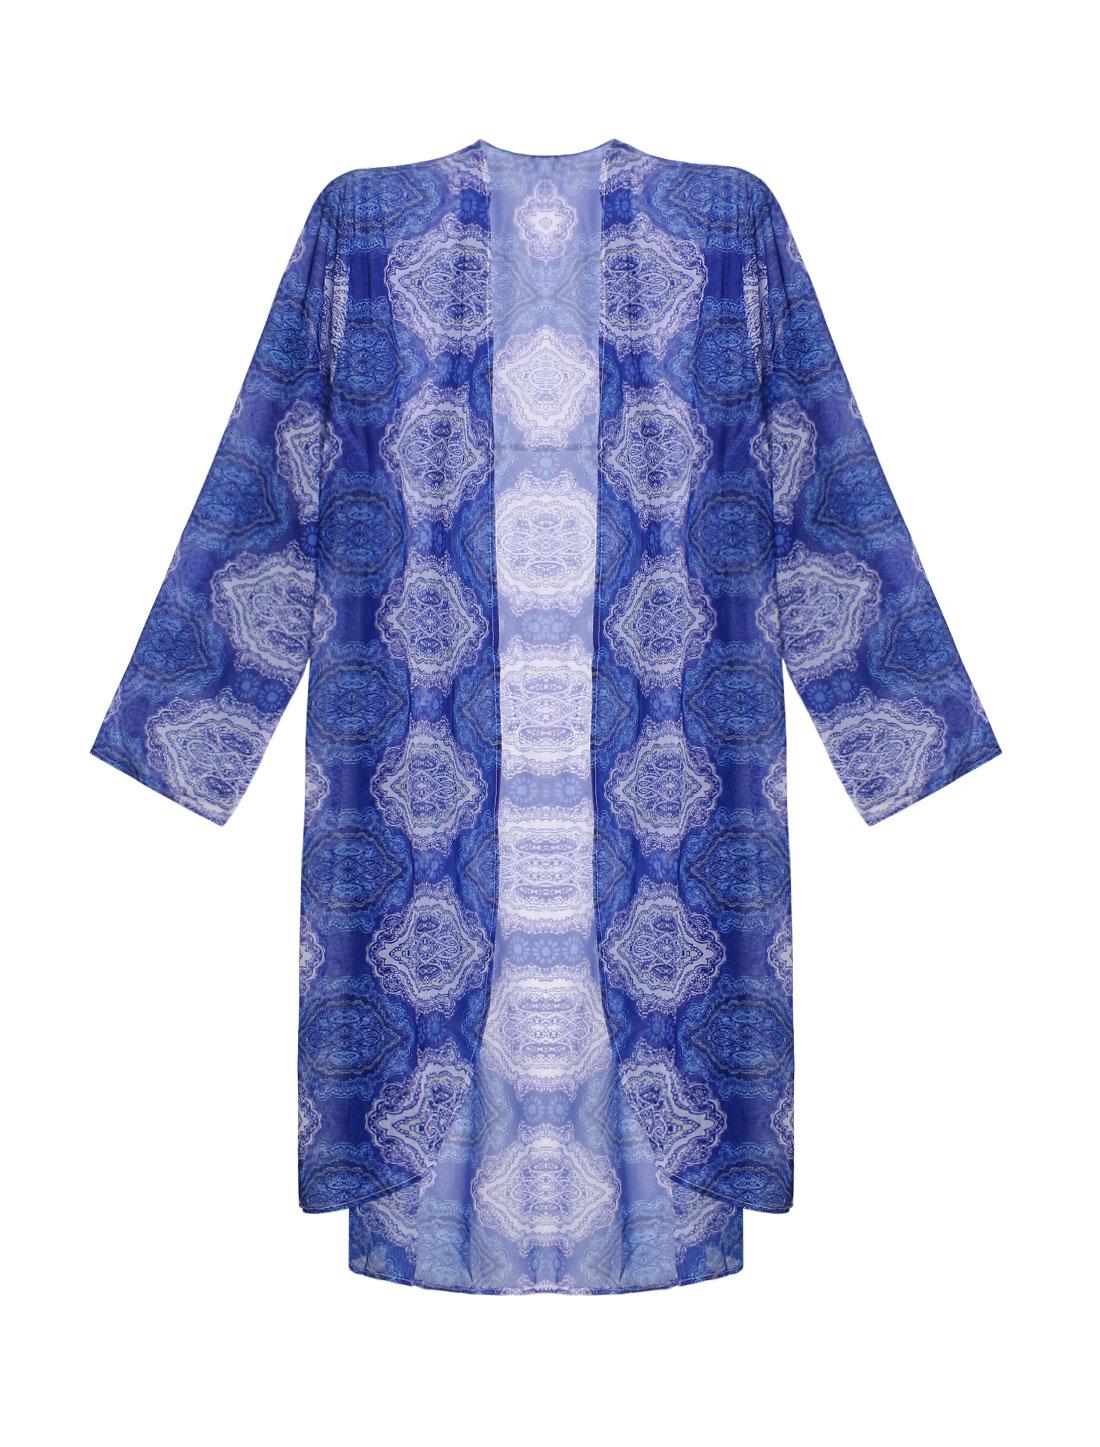 Women Porcelain Prints Sheer Beachwear Chiffon Tunic Cardigan Blue S